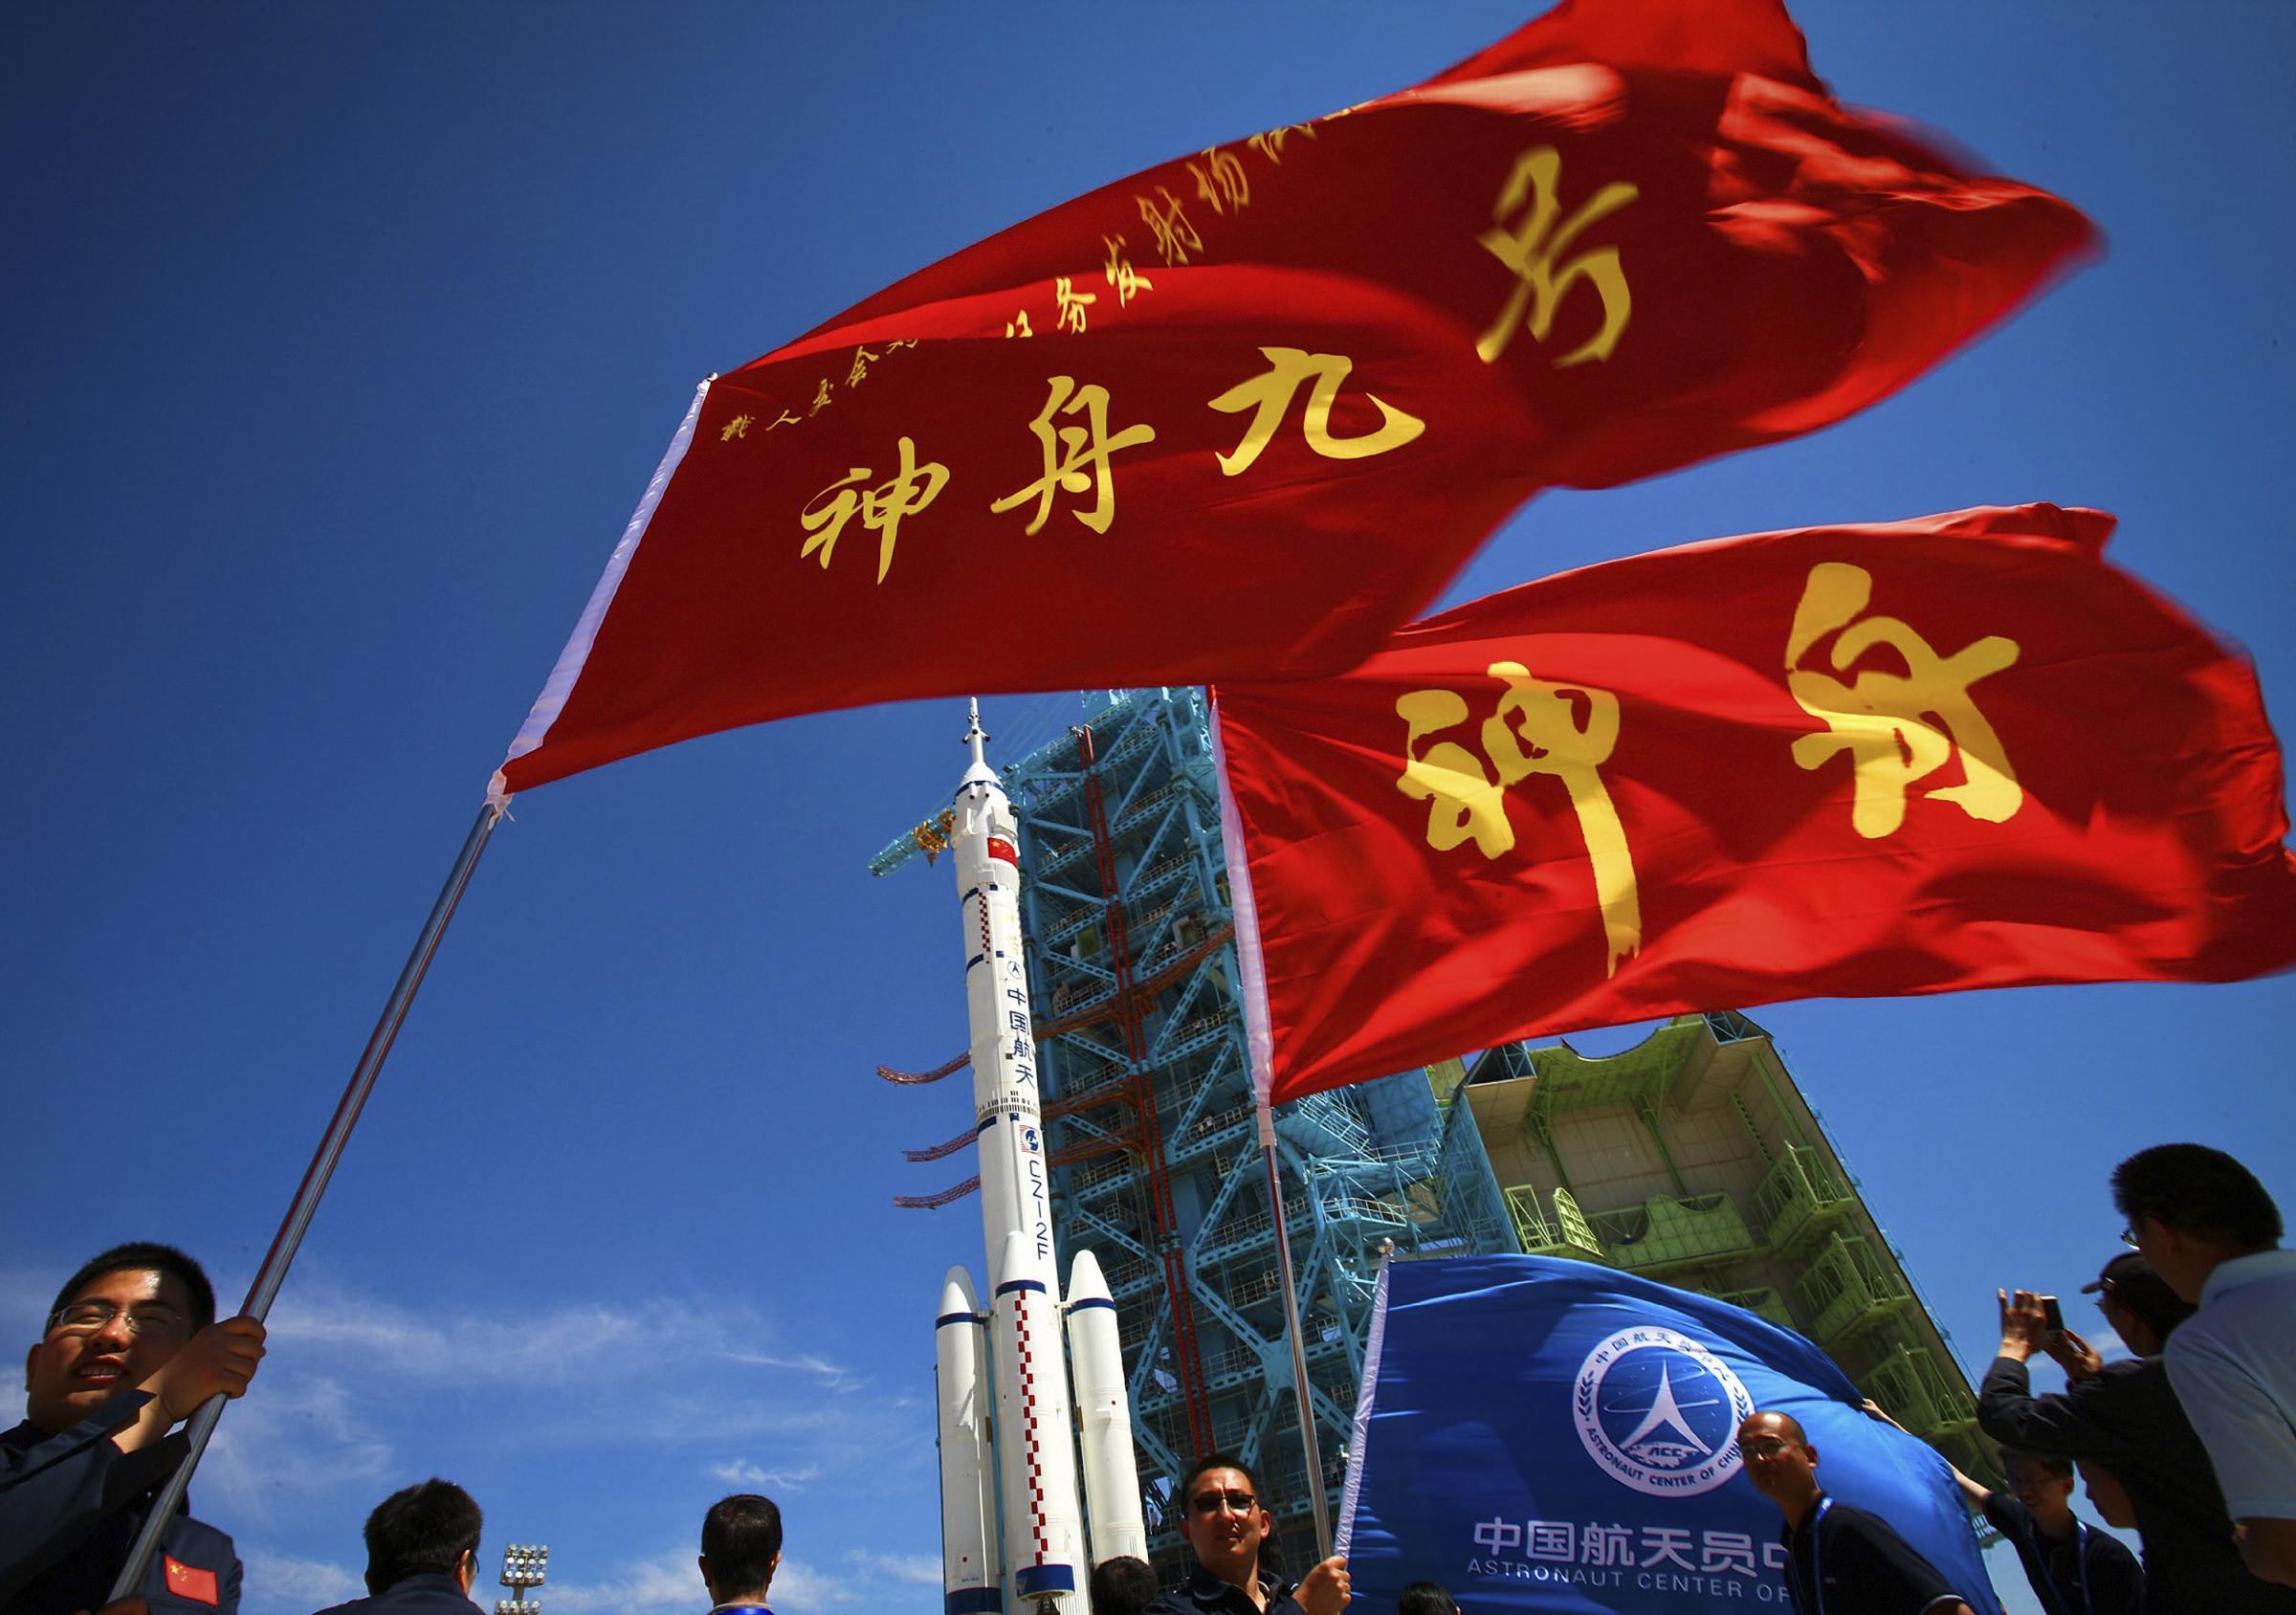 La Cina invia i suoi astronauti ad abitare l'orbita terrestre